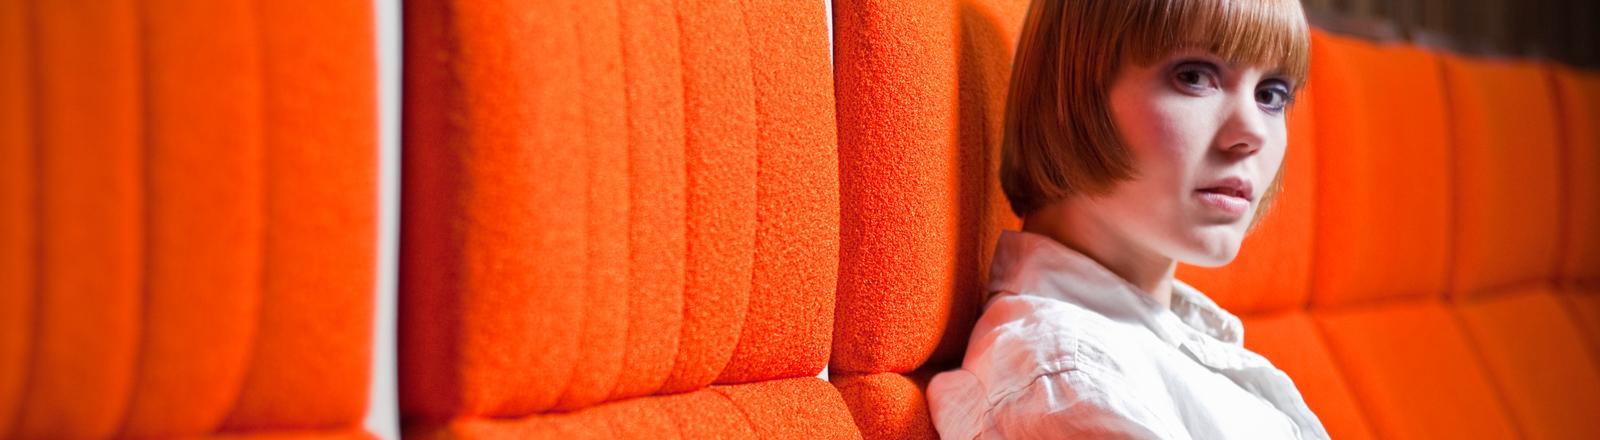 Eine junge Frau sitzt in einem Kinosessel und schaut in die Kamera.